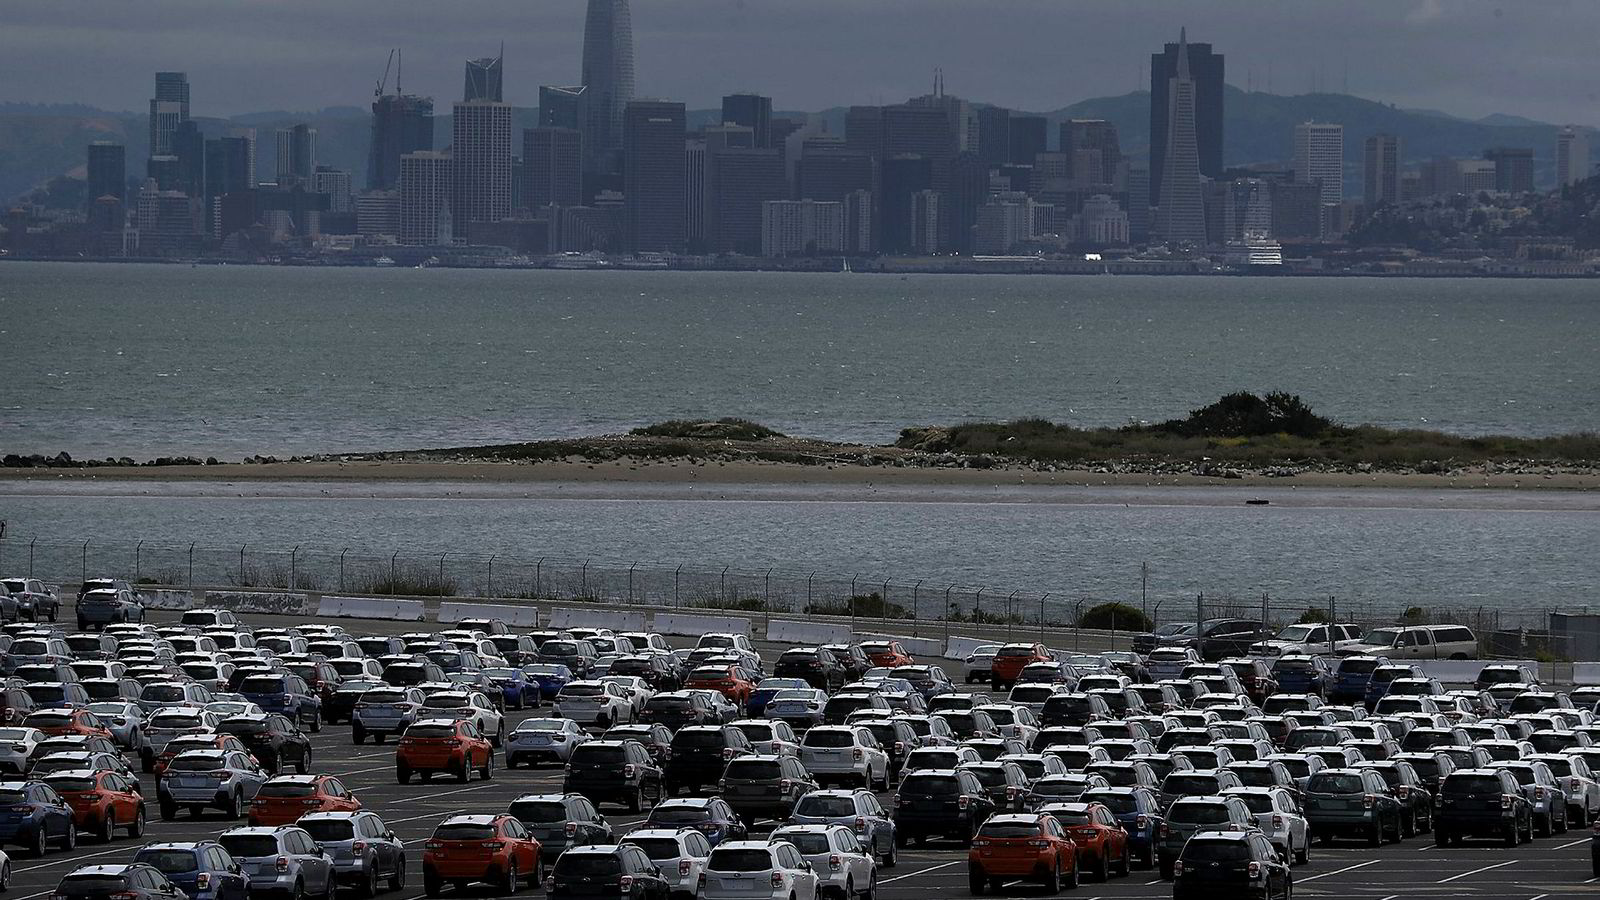 Nye biler står lagret på en parkeringsplass nær Richmond, California i USA, mai, 2018. Trump har truet med å innføre en tollmur for utenlandskproduserte biler, som i første rekke vil ramme Japan, Storbritannia og EU.